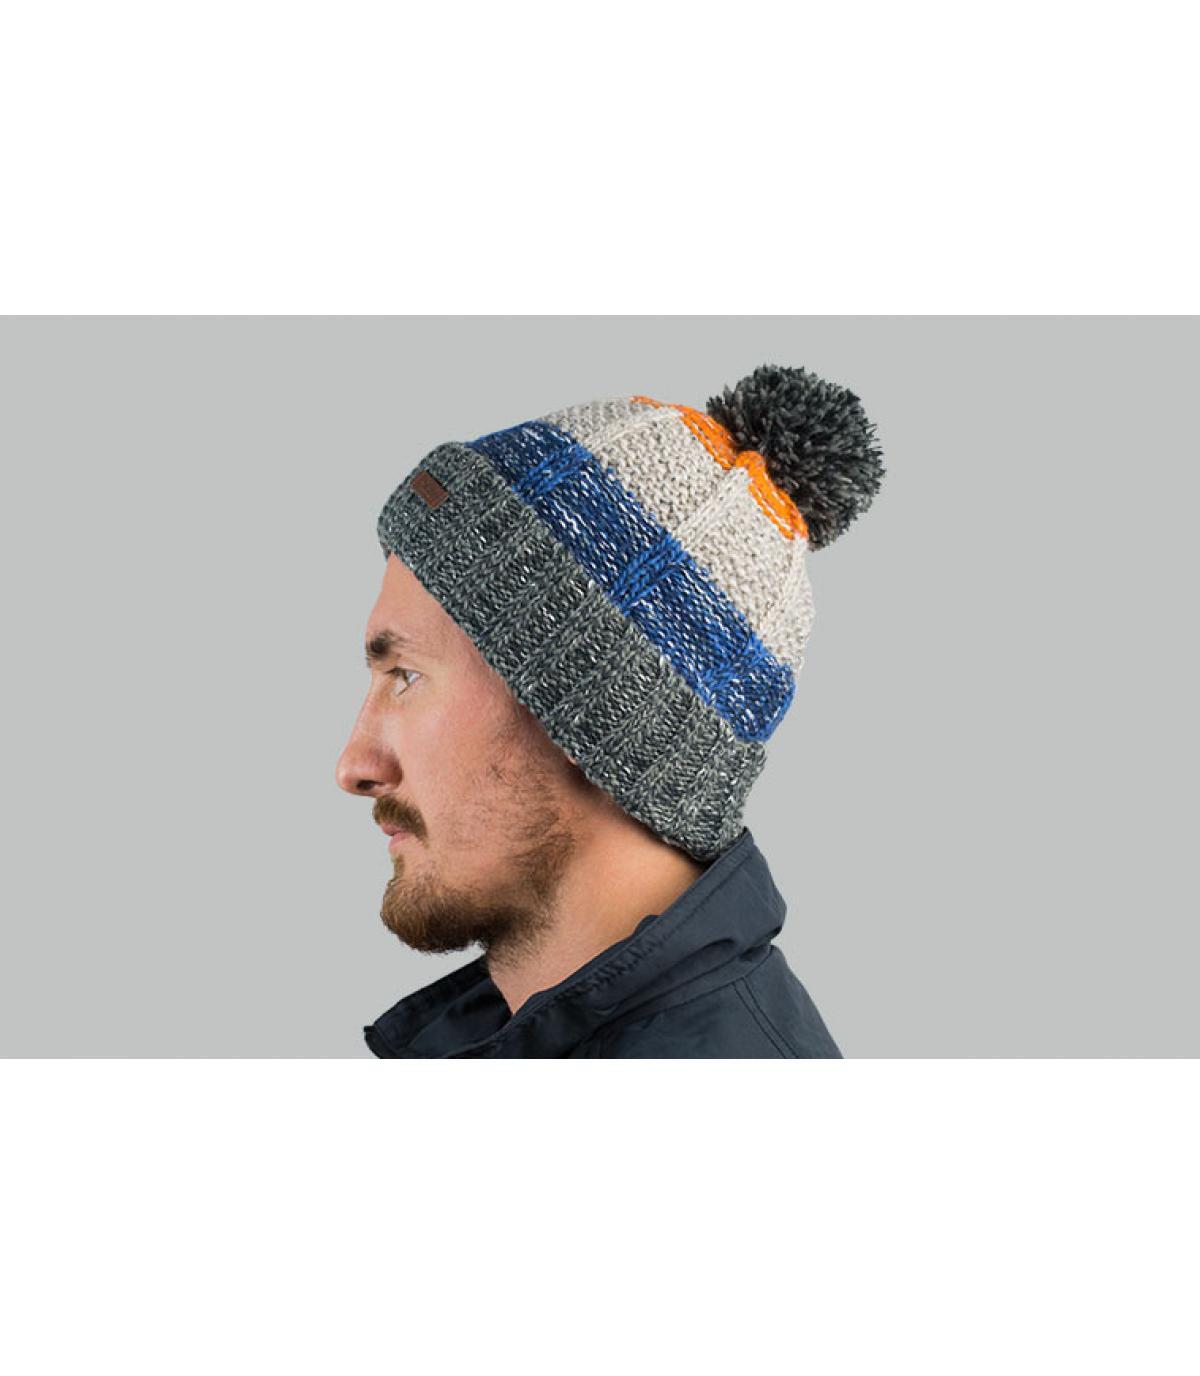 cappello nappa a strisce grigio blu